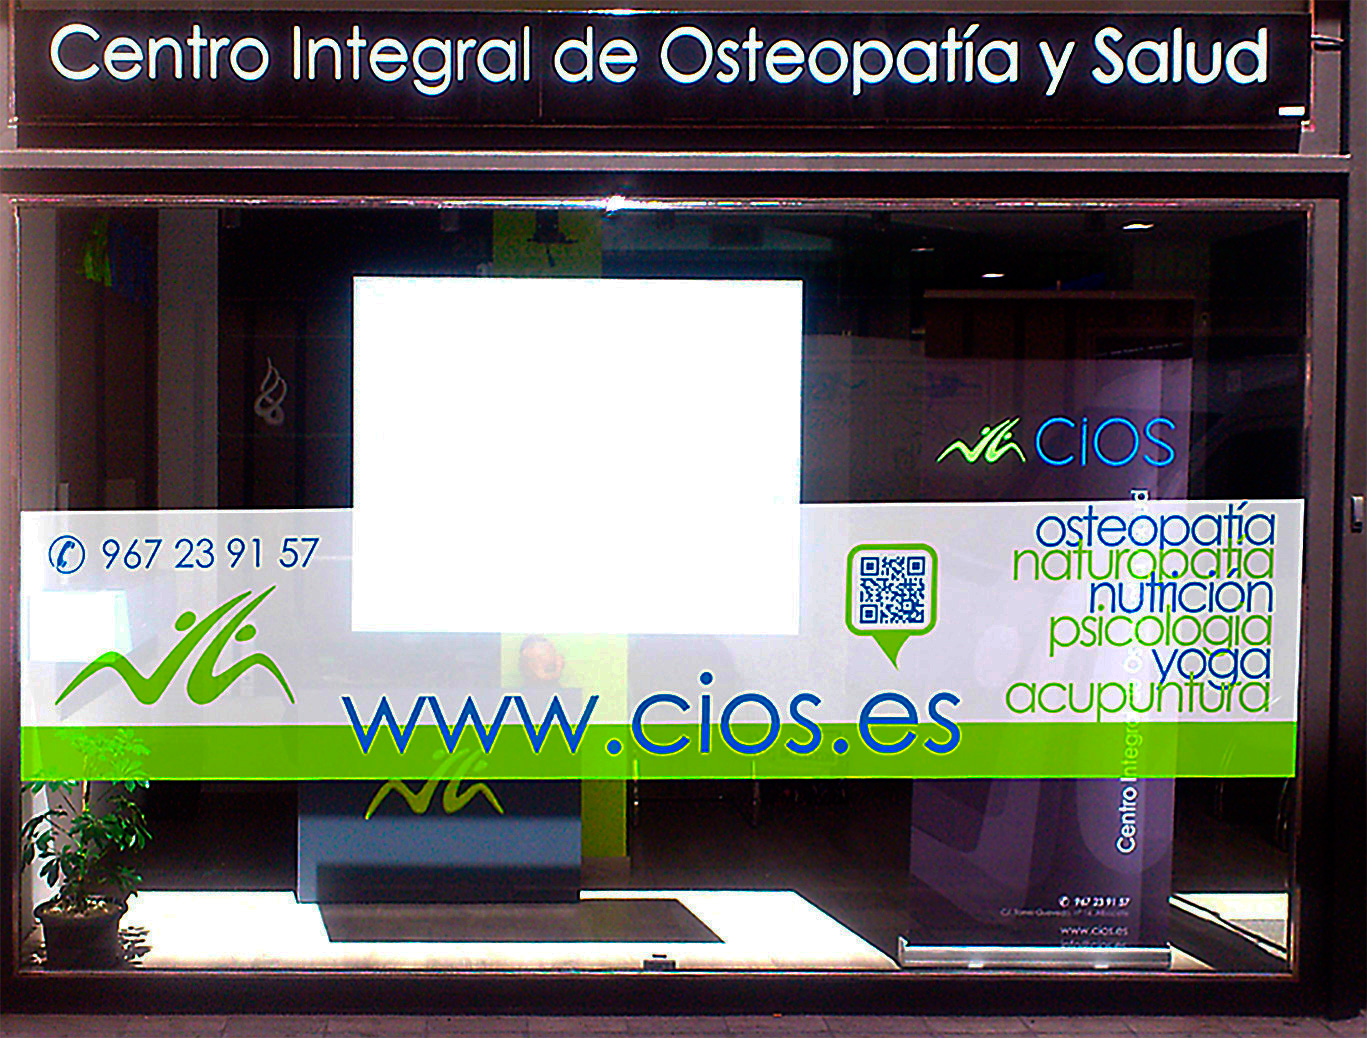 Diseño gráfico Albacete, Impresión vinilo, diseño de fachada Cios